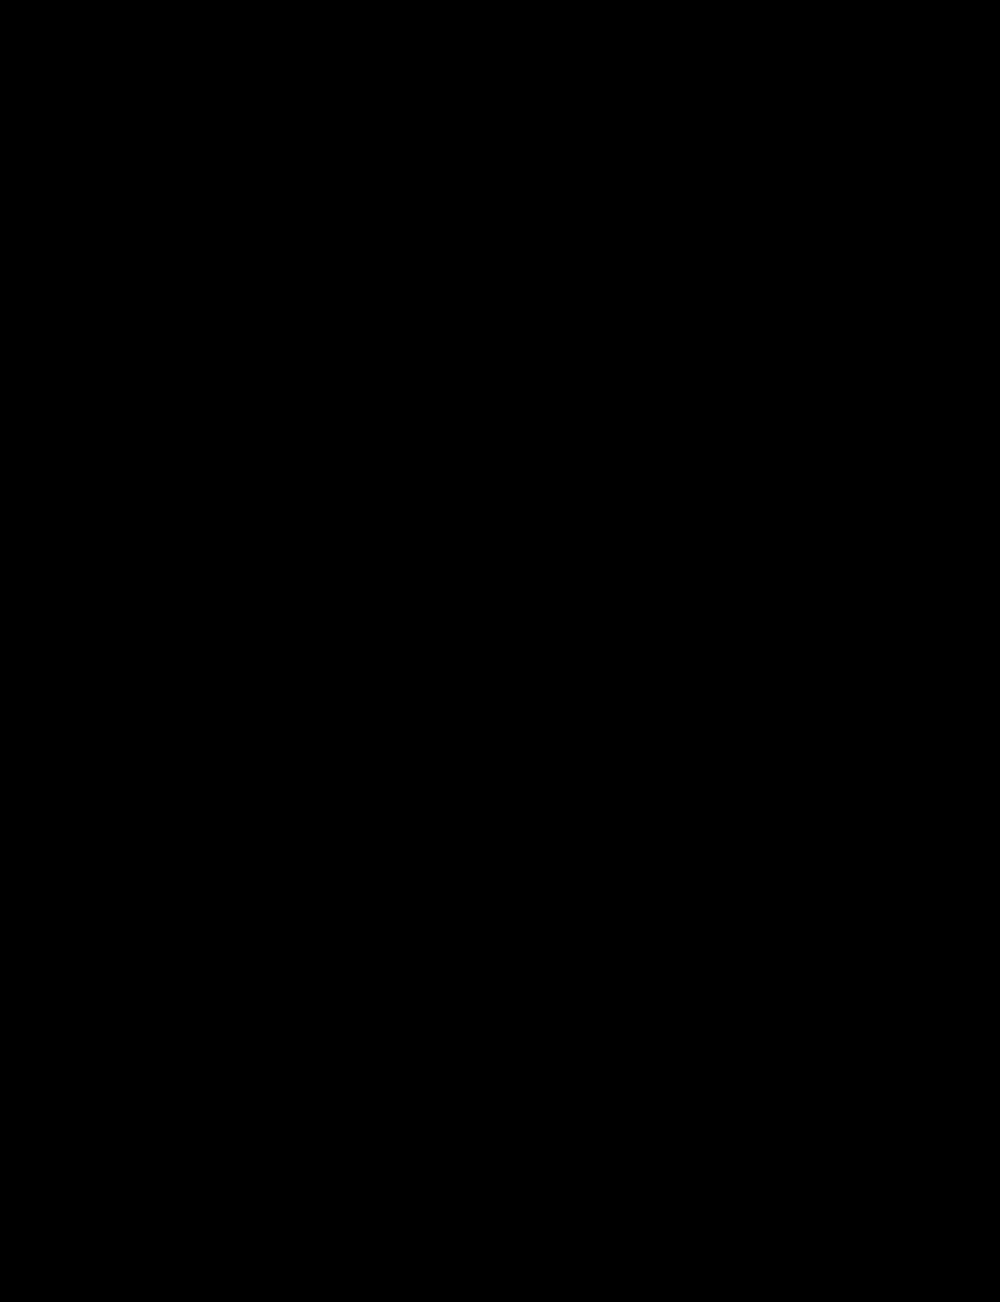 A reverse braid